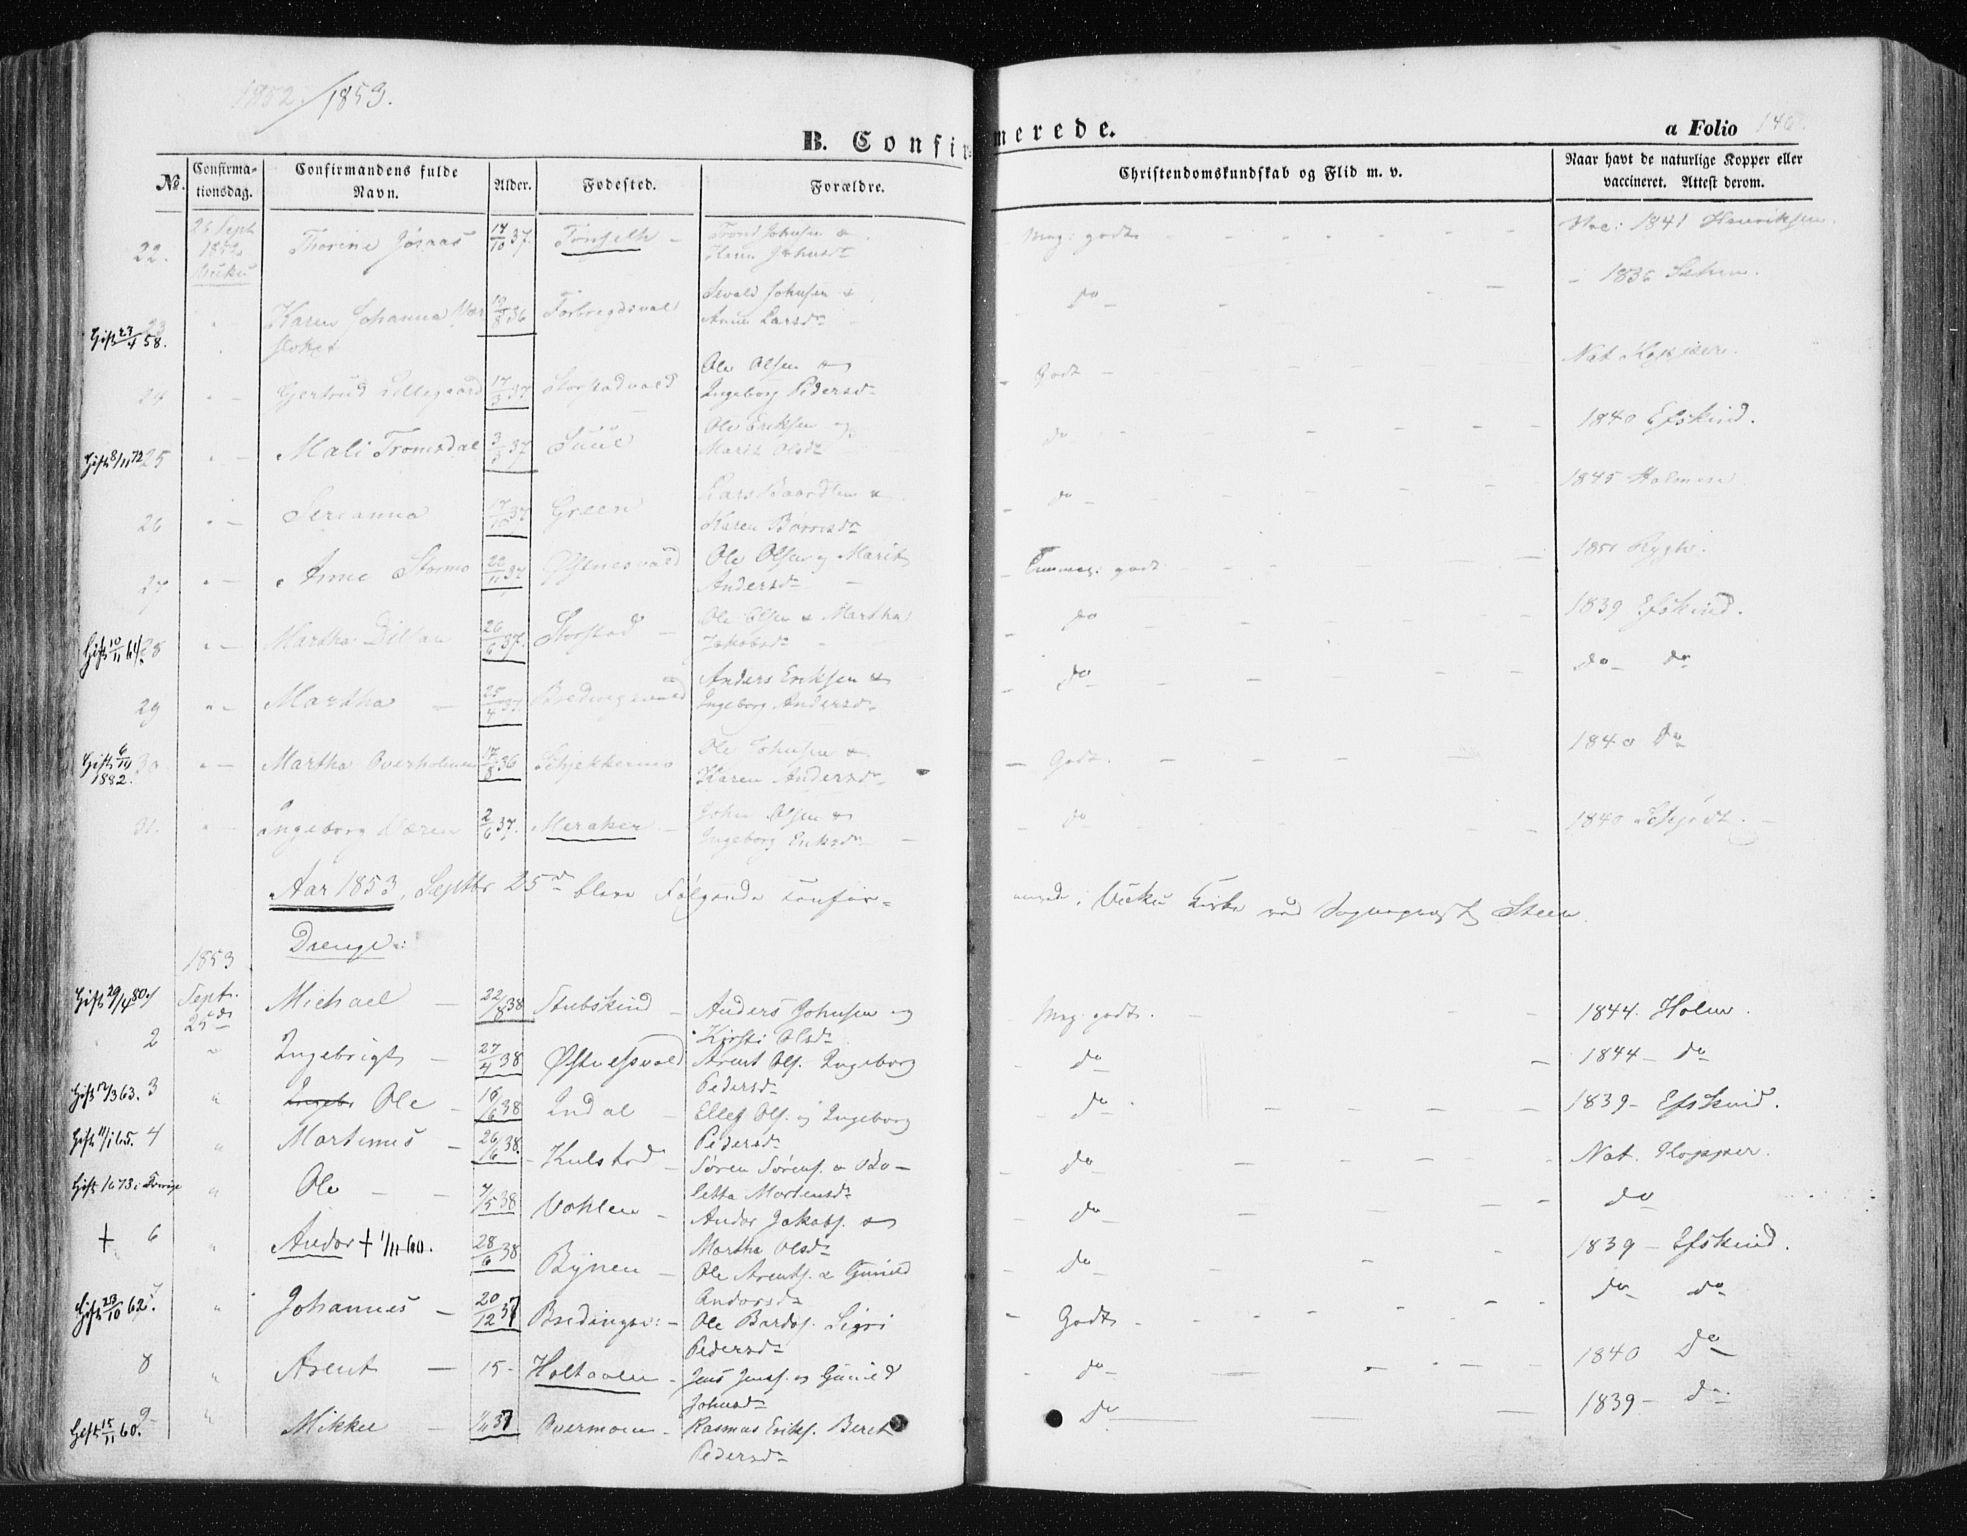 SAT, Ministerialprotokoller, klokkerbøker og fødselsregistre - Nord-Trøndelag, 723/L0240: Ministerialbok nr. 723A09, 1852-1860, s. 146